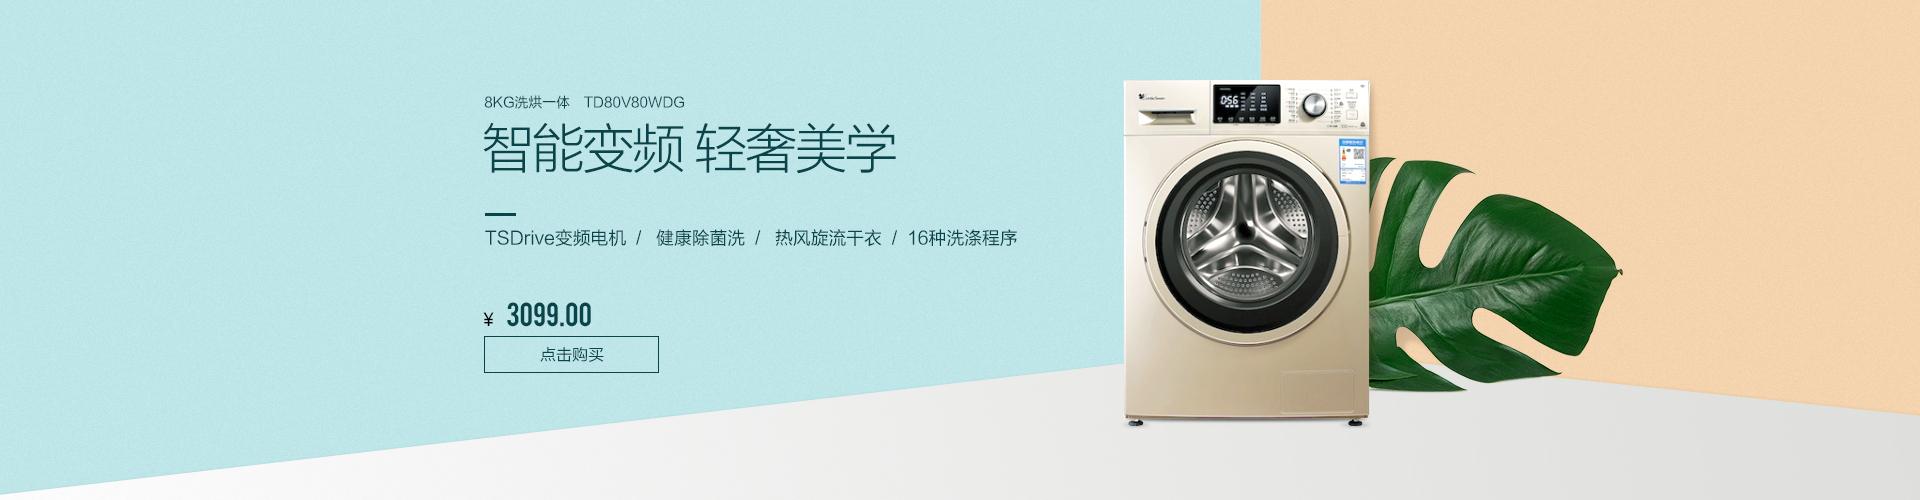 8公斤智能洗烘一体机 TD80V80WDG